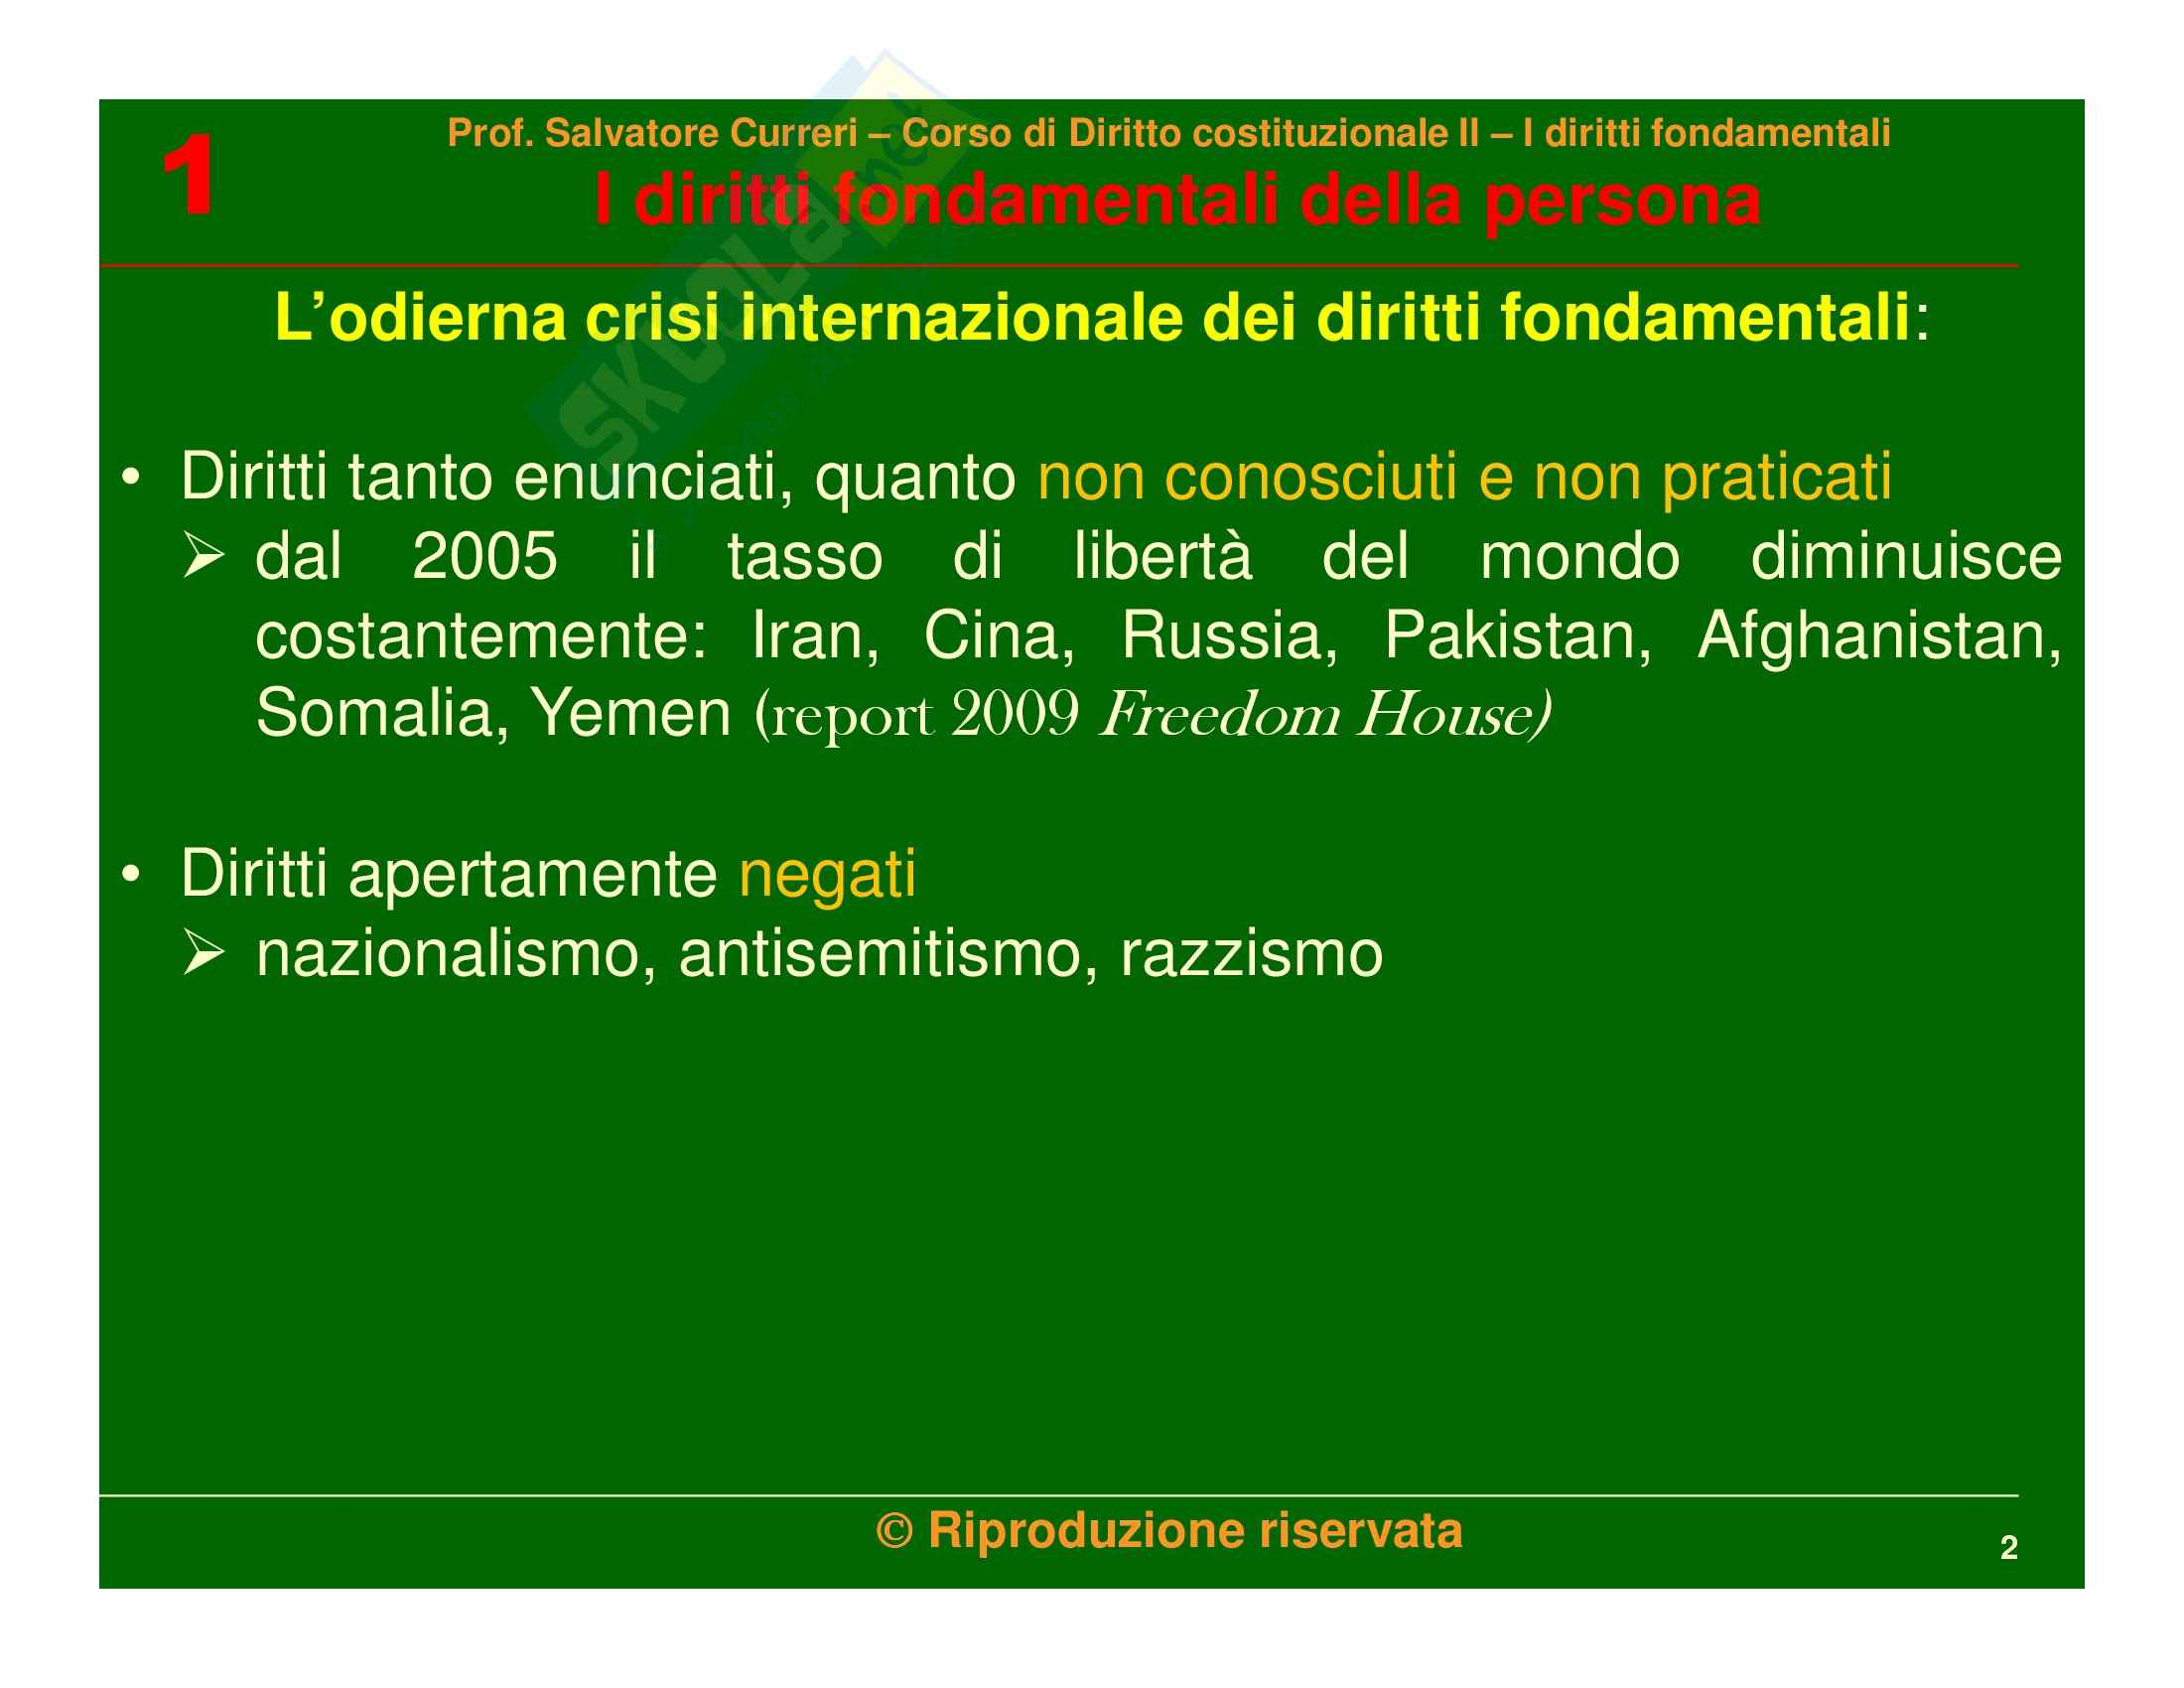 Diritto costituzionale - i diritti fondamentali della persona Pag. 2